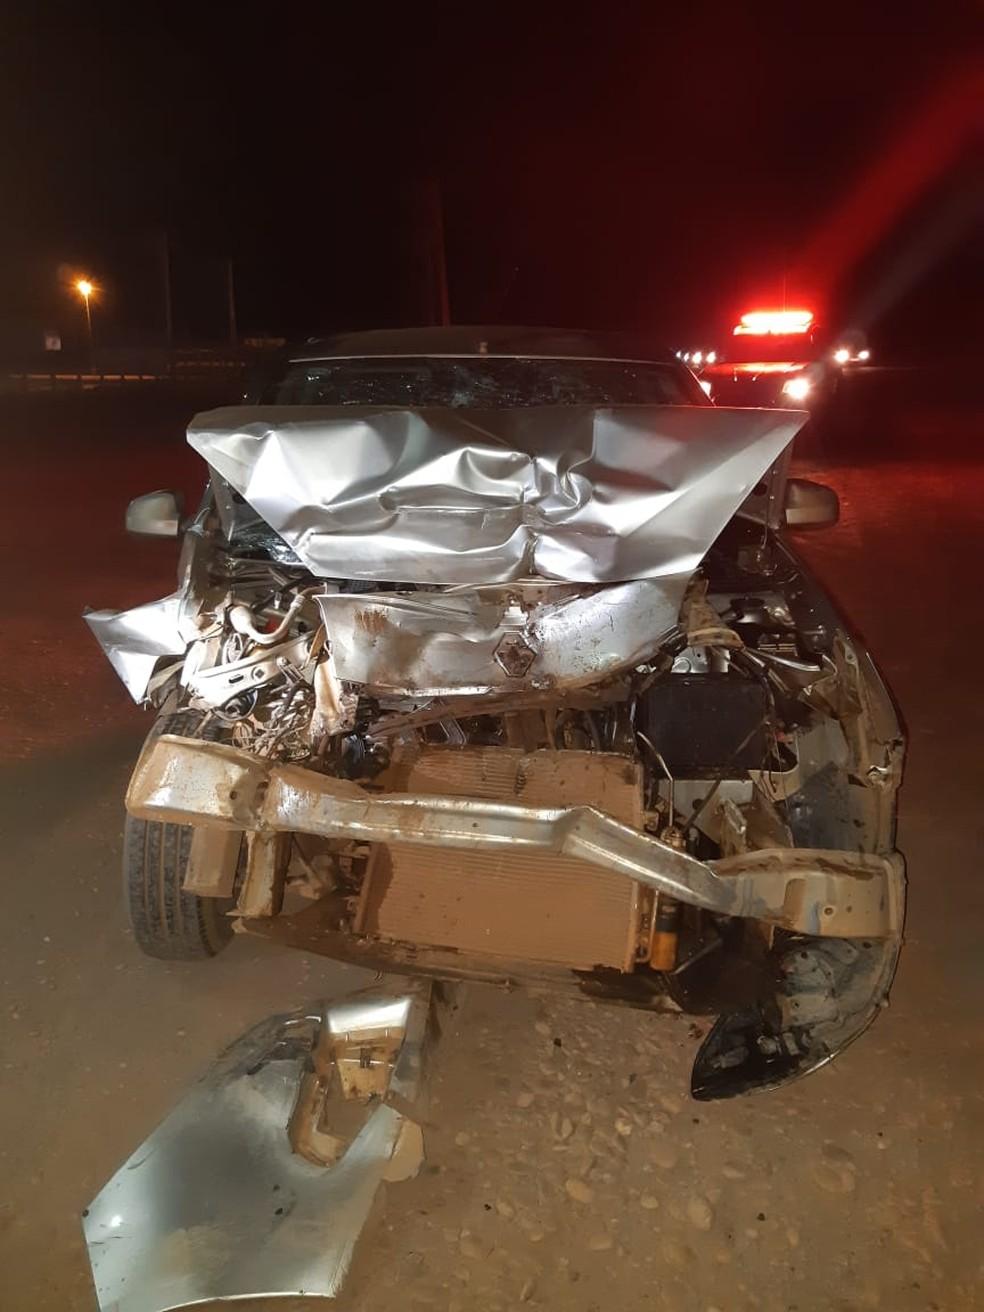 Polícia Rodoviária disse que os veículos envolvidos no acidente teriam saído de chácaras localizadas no povoado Bananal em Imperatriz — Foto: Divulgação/Polícia Rodoviária Federal